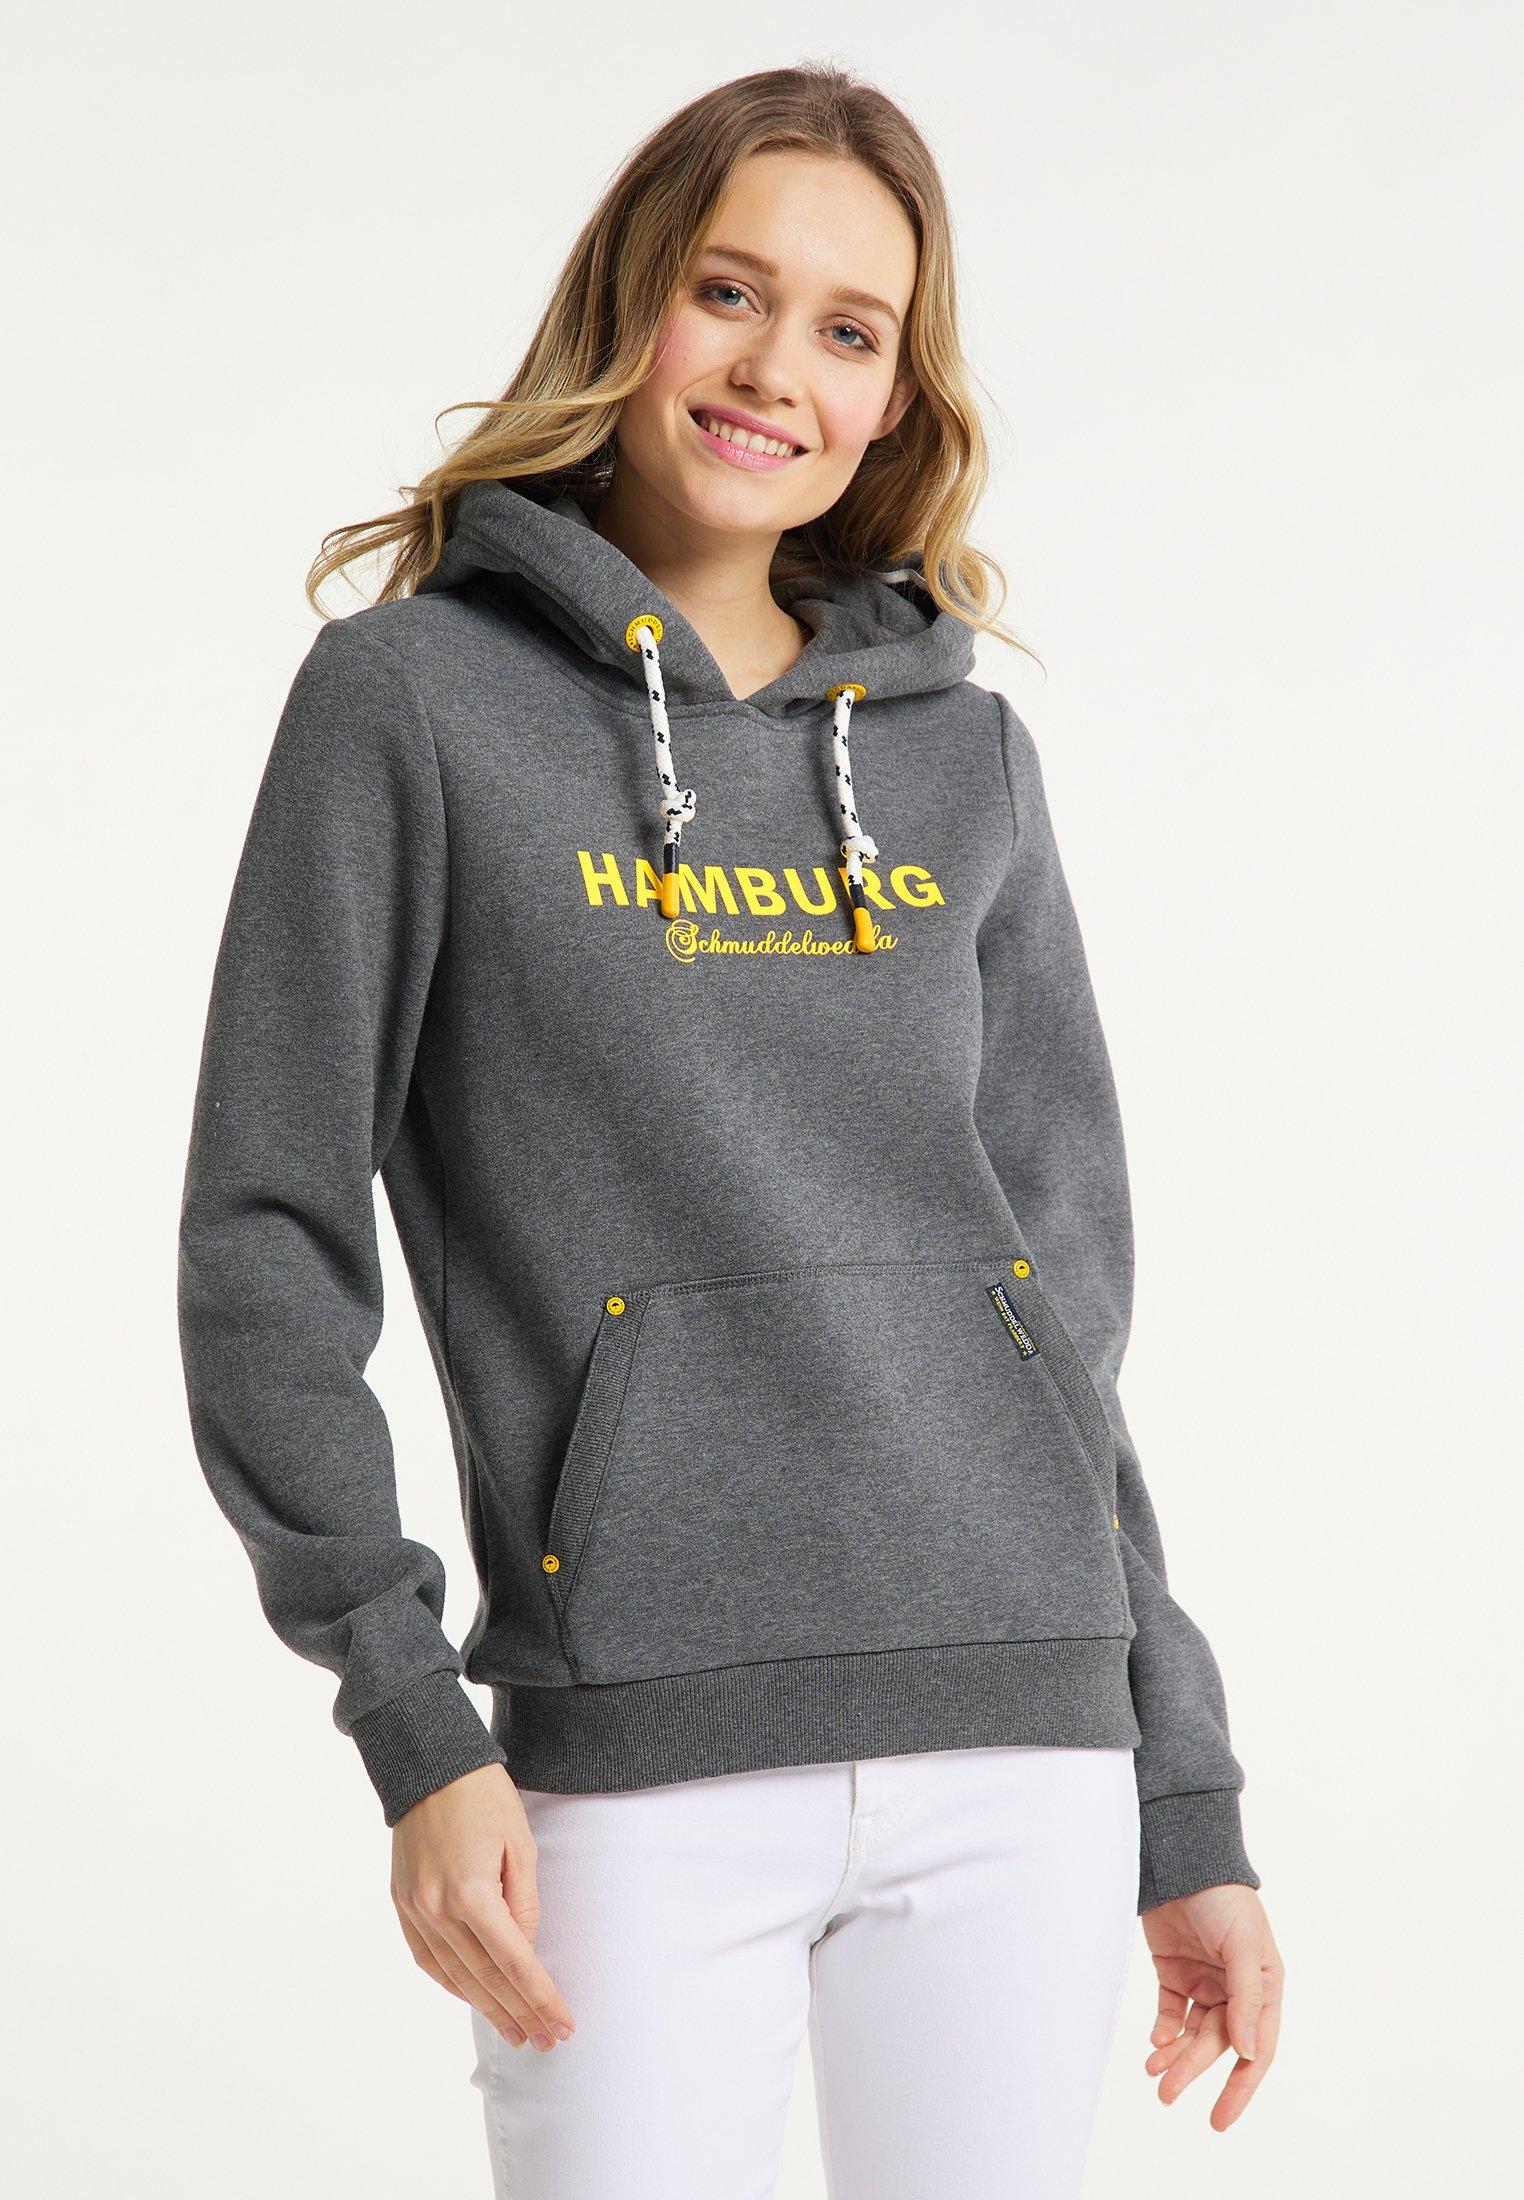 Donna HAMBURG - Felpa con cappuccio